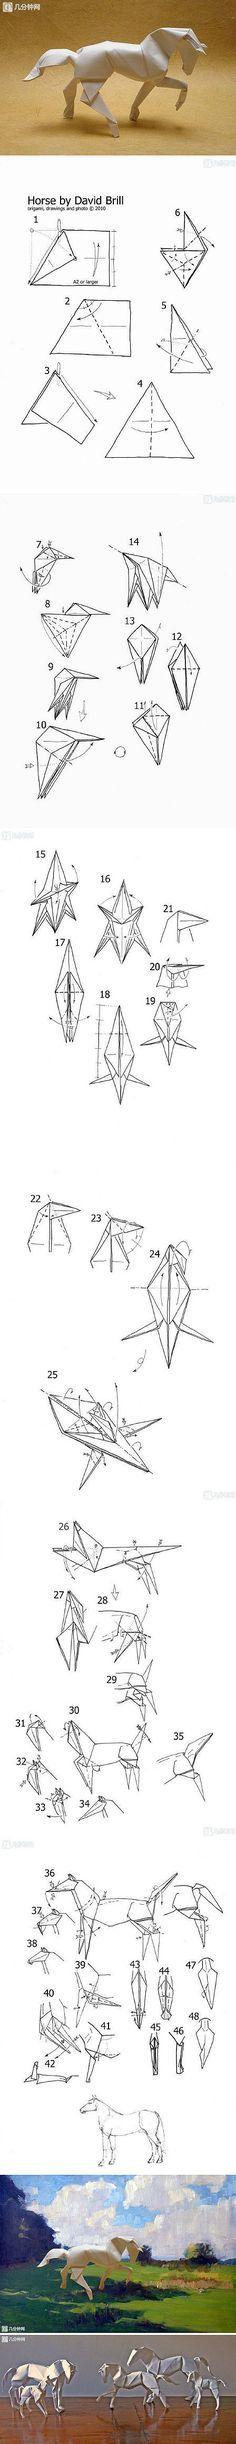 David Brills Origami Horse Diagram Instructions